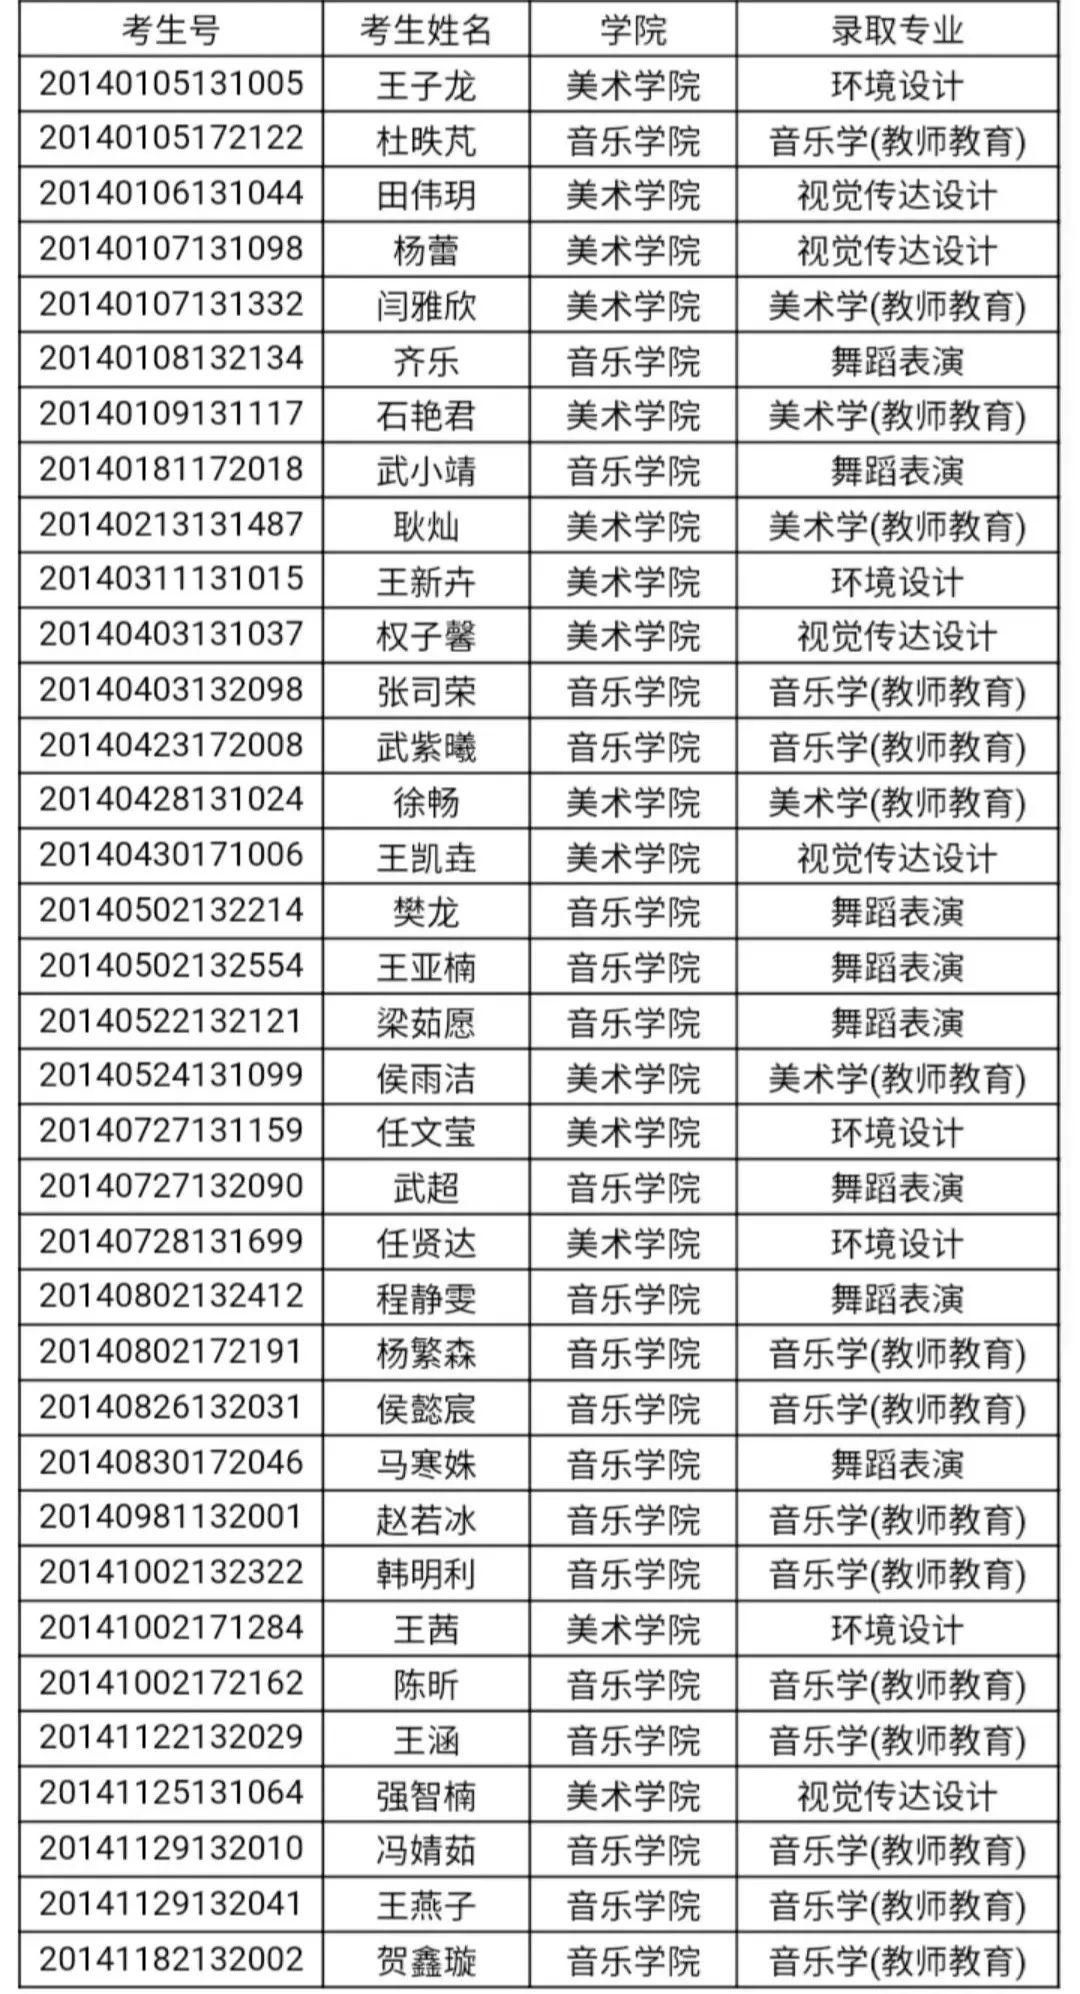 你被录取啦!宁大2020年河北、河南、内蒙古、山东、山西提前批本科录取名单公布咯